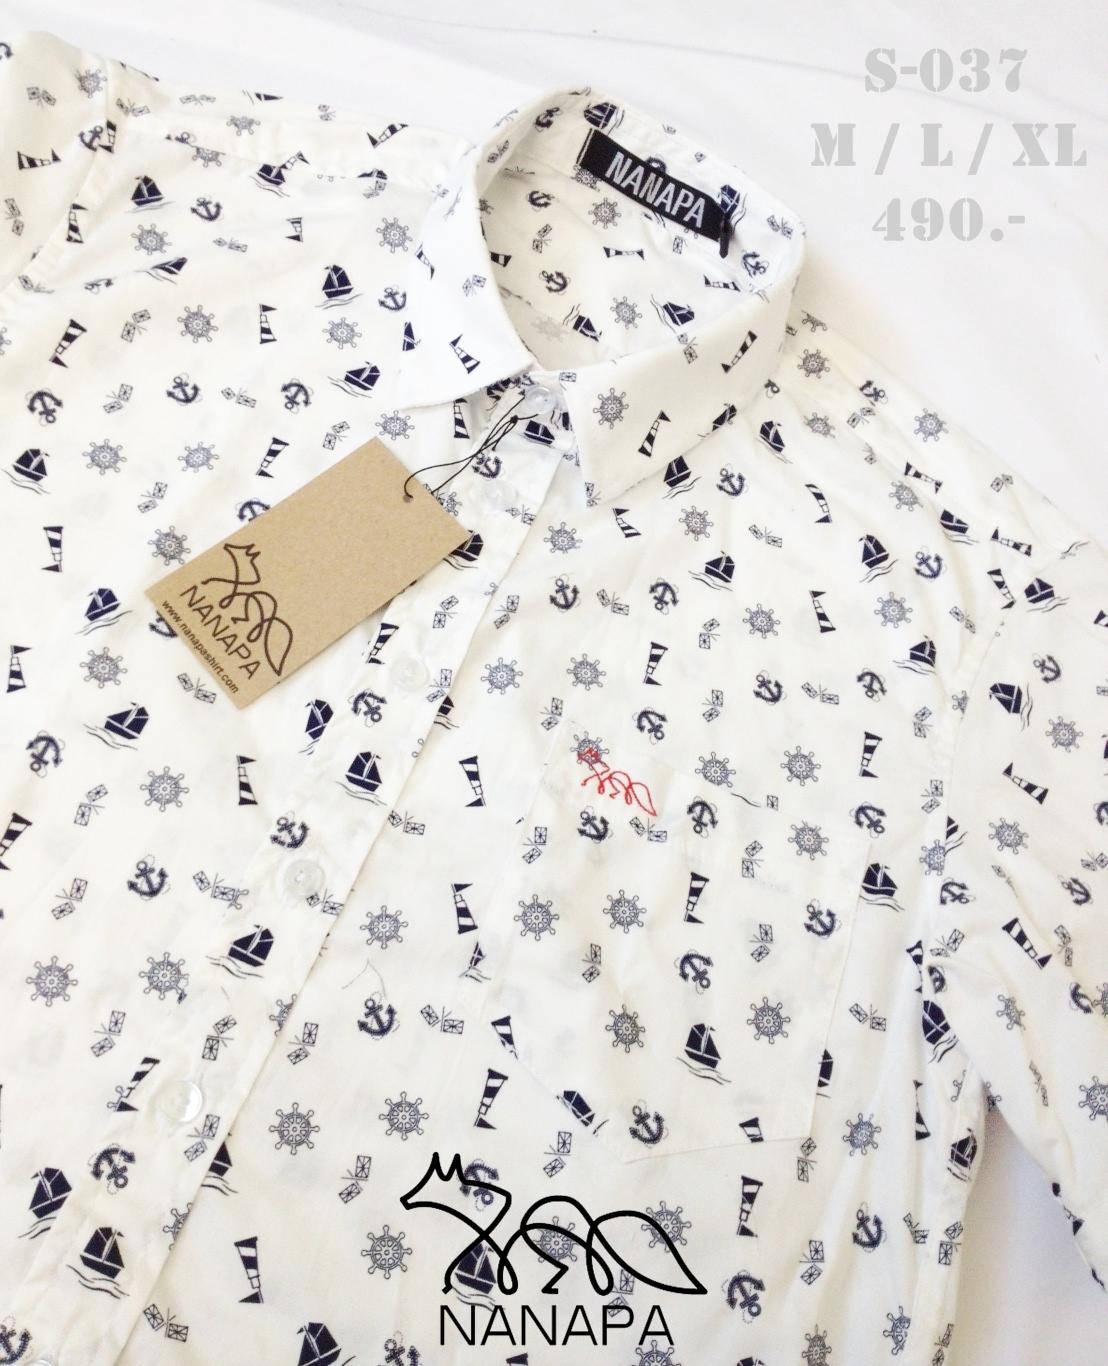 เสื้อเชิ้ตแขนสั้น ชาย NANAPA Shirts S-037